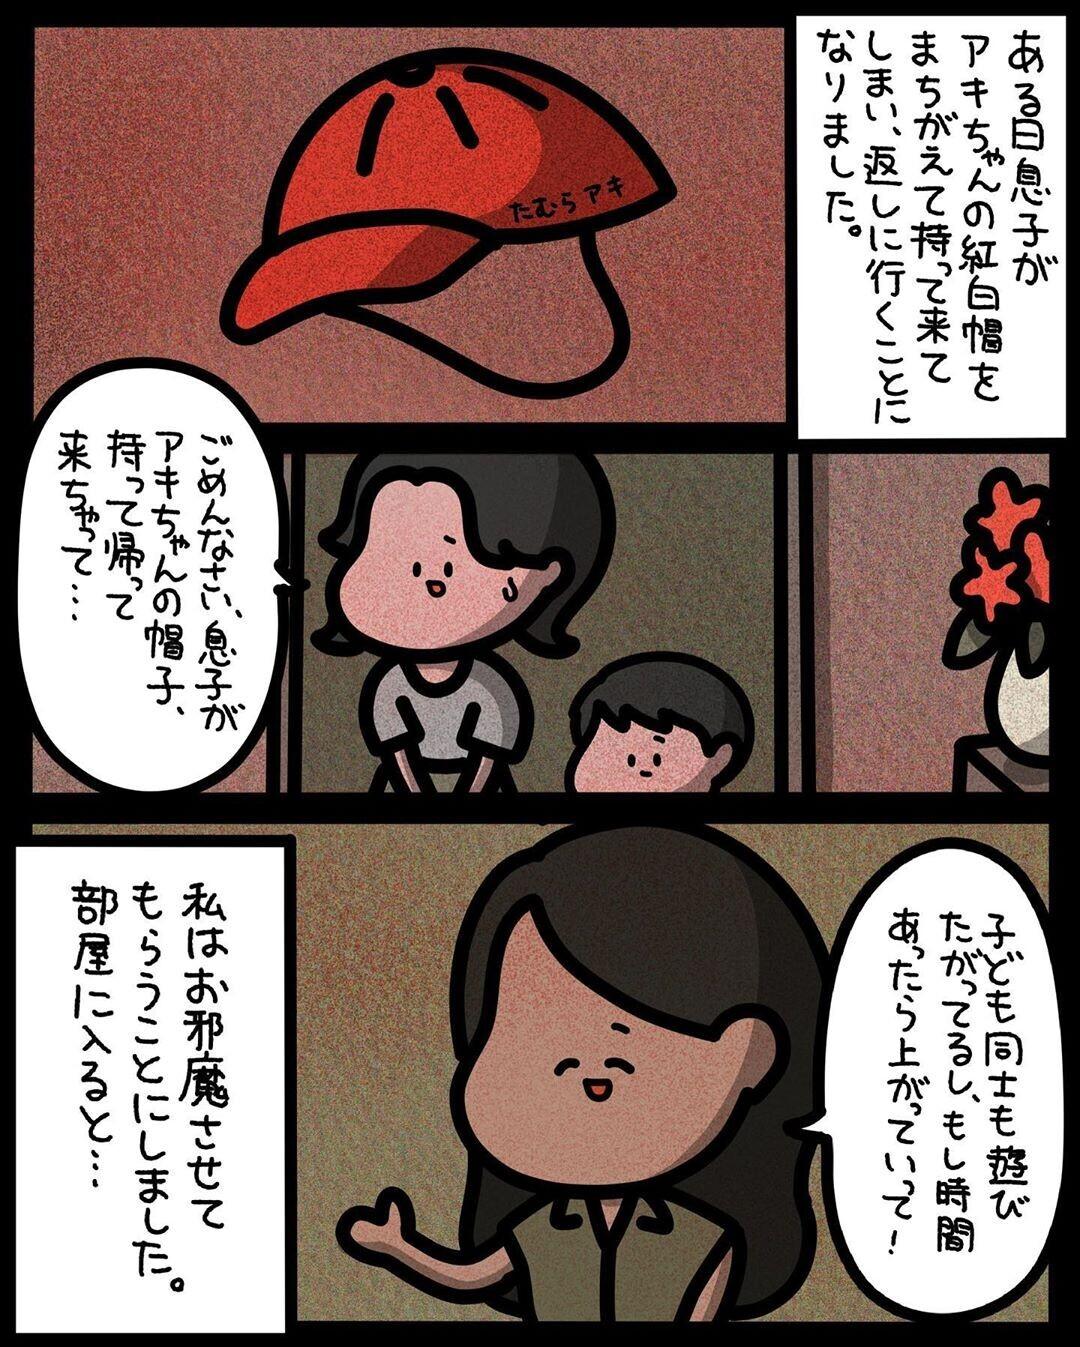 【ゾッとする話】いつもお菓子を配るママ友…親切な顔の裏に隠れた異様な行動【みんなの〇〇な話 Vol.42】